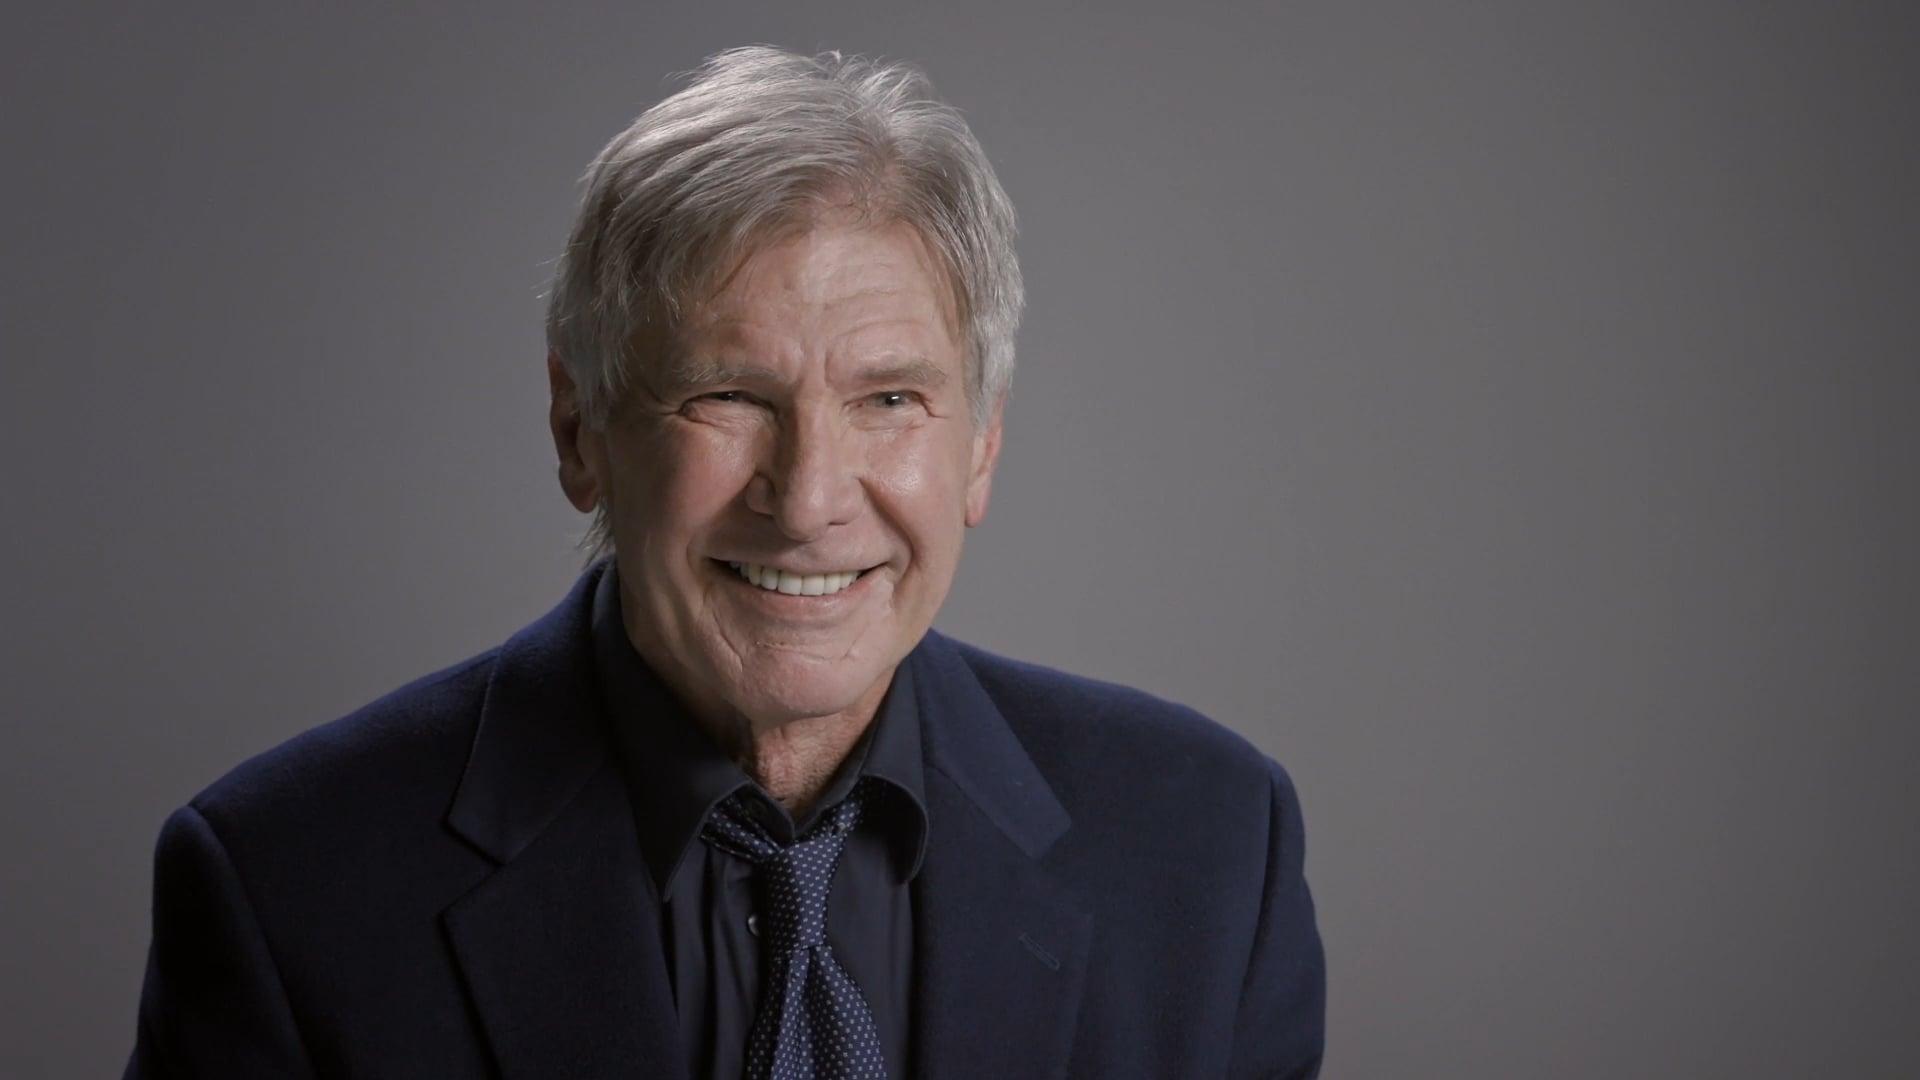 Harrison Ford, Man of Few Words - GQ